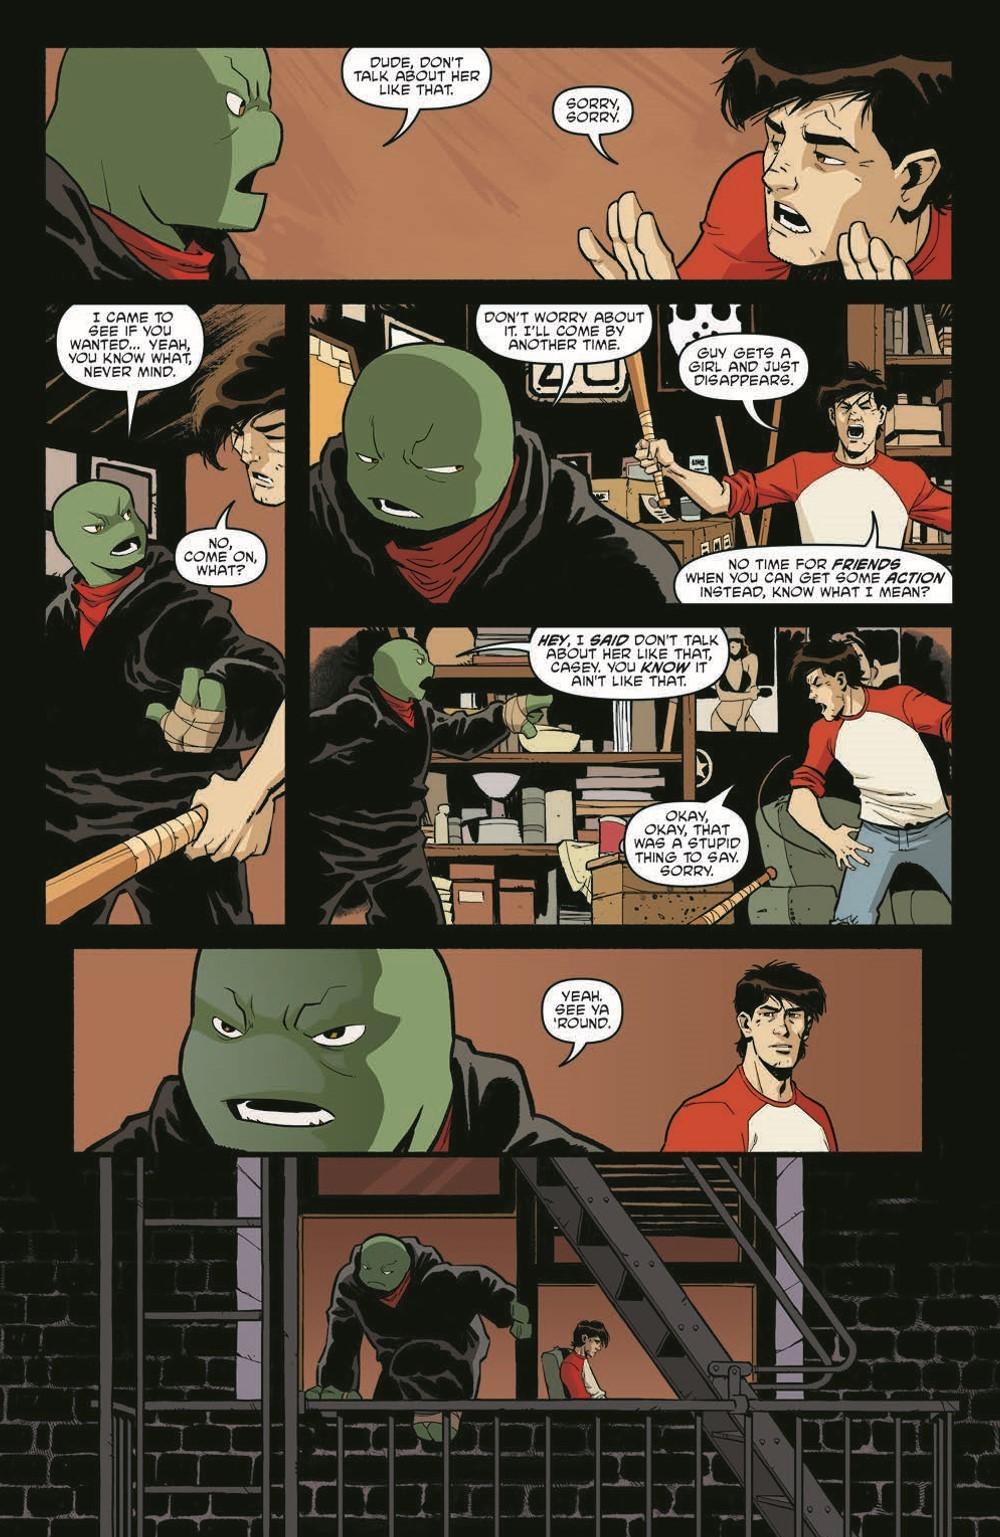 TMNT119_pr-6 ComicList Previews: TEENAGE MUTANT NINJA TURTLES #119